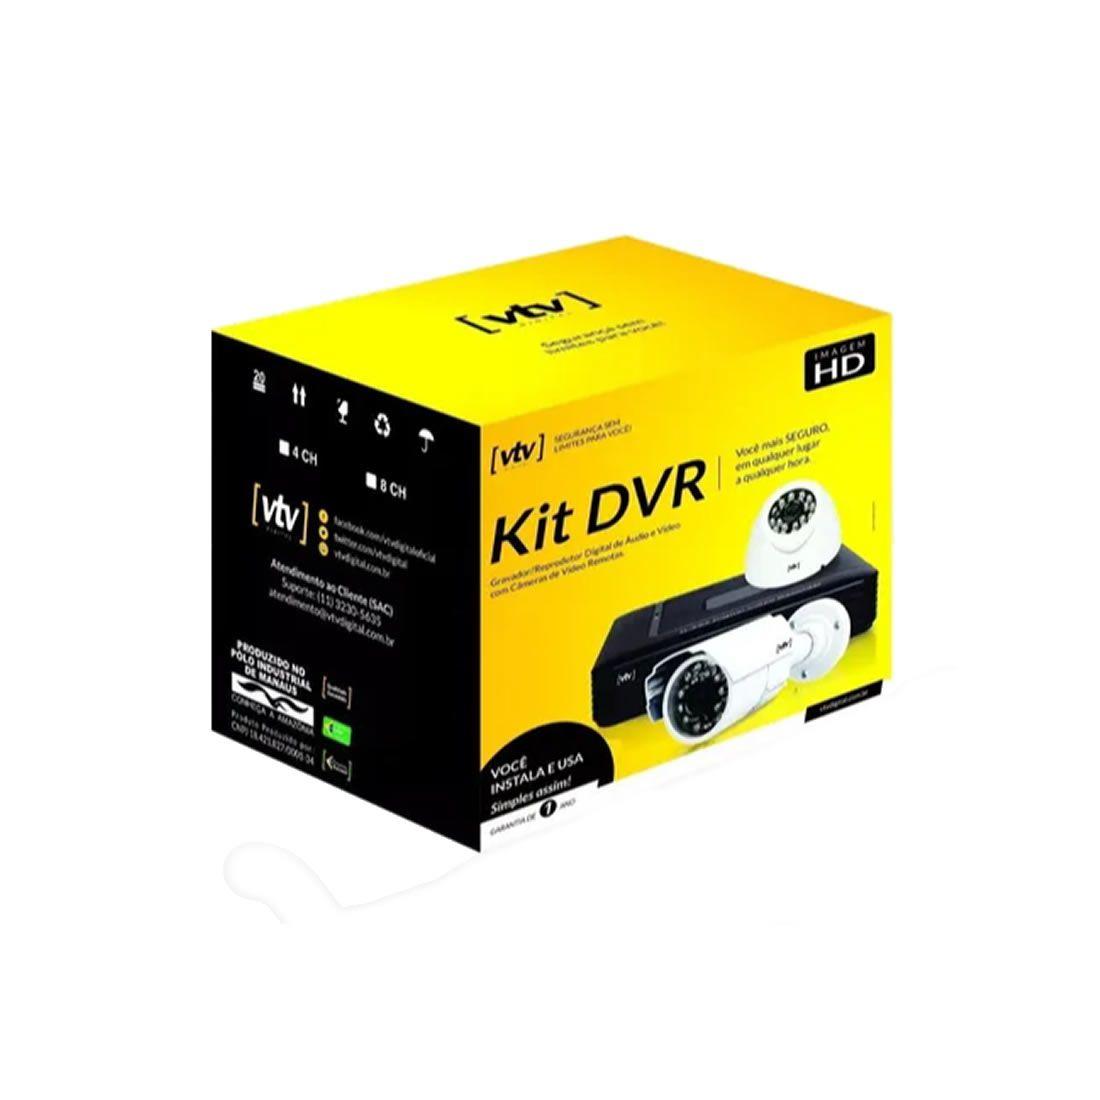 Kit DVR VTV 4 Canais AHD Com HD DE 500GB